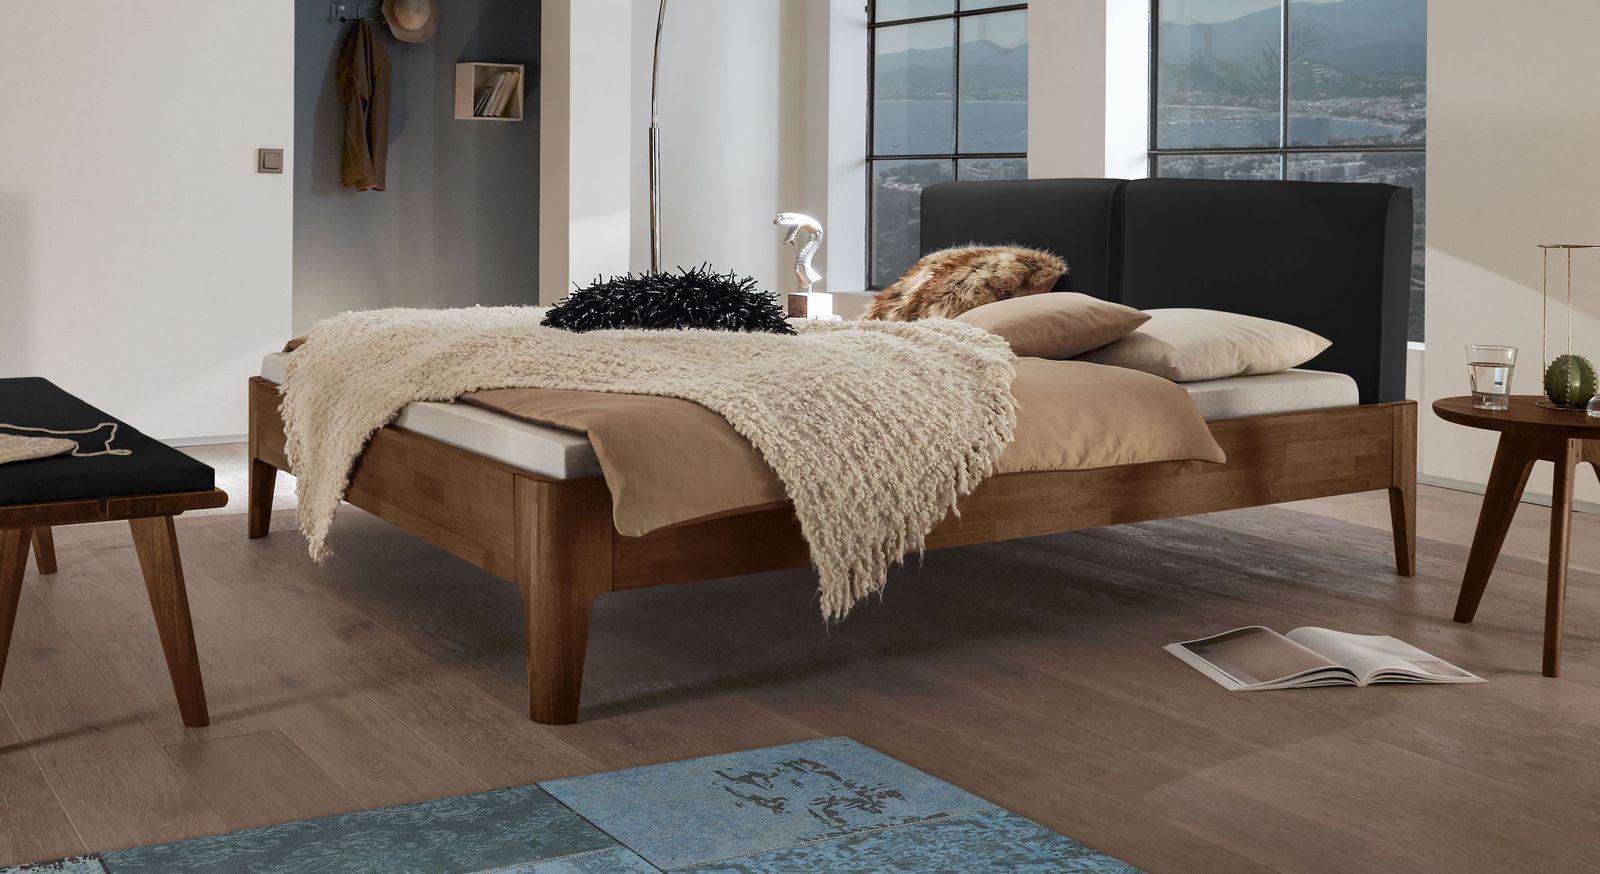 Bett Gori aus Nussbaumholz mit schwarzem Polster